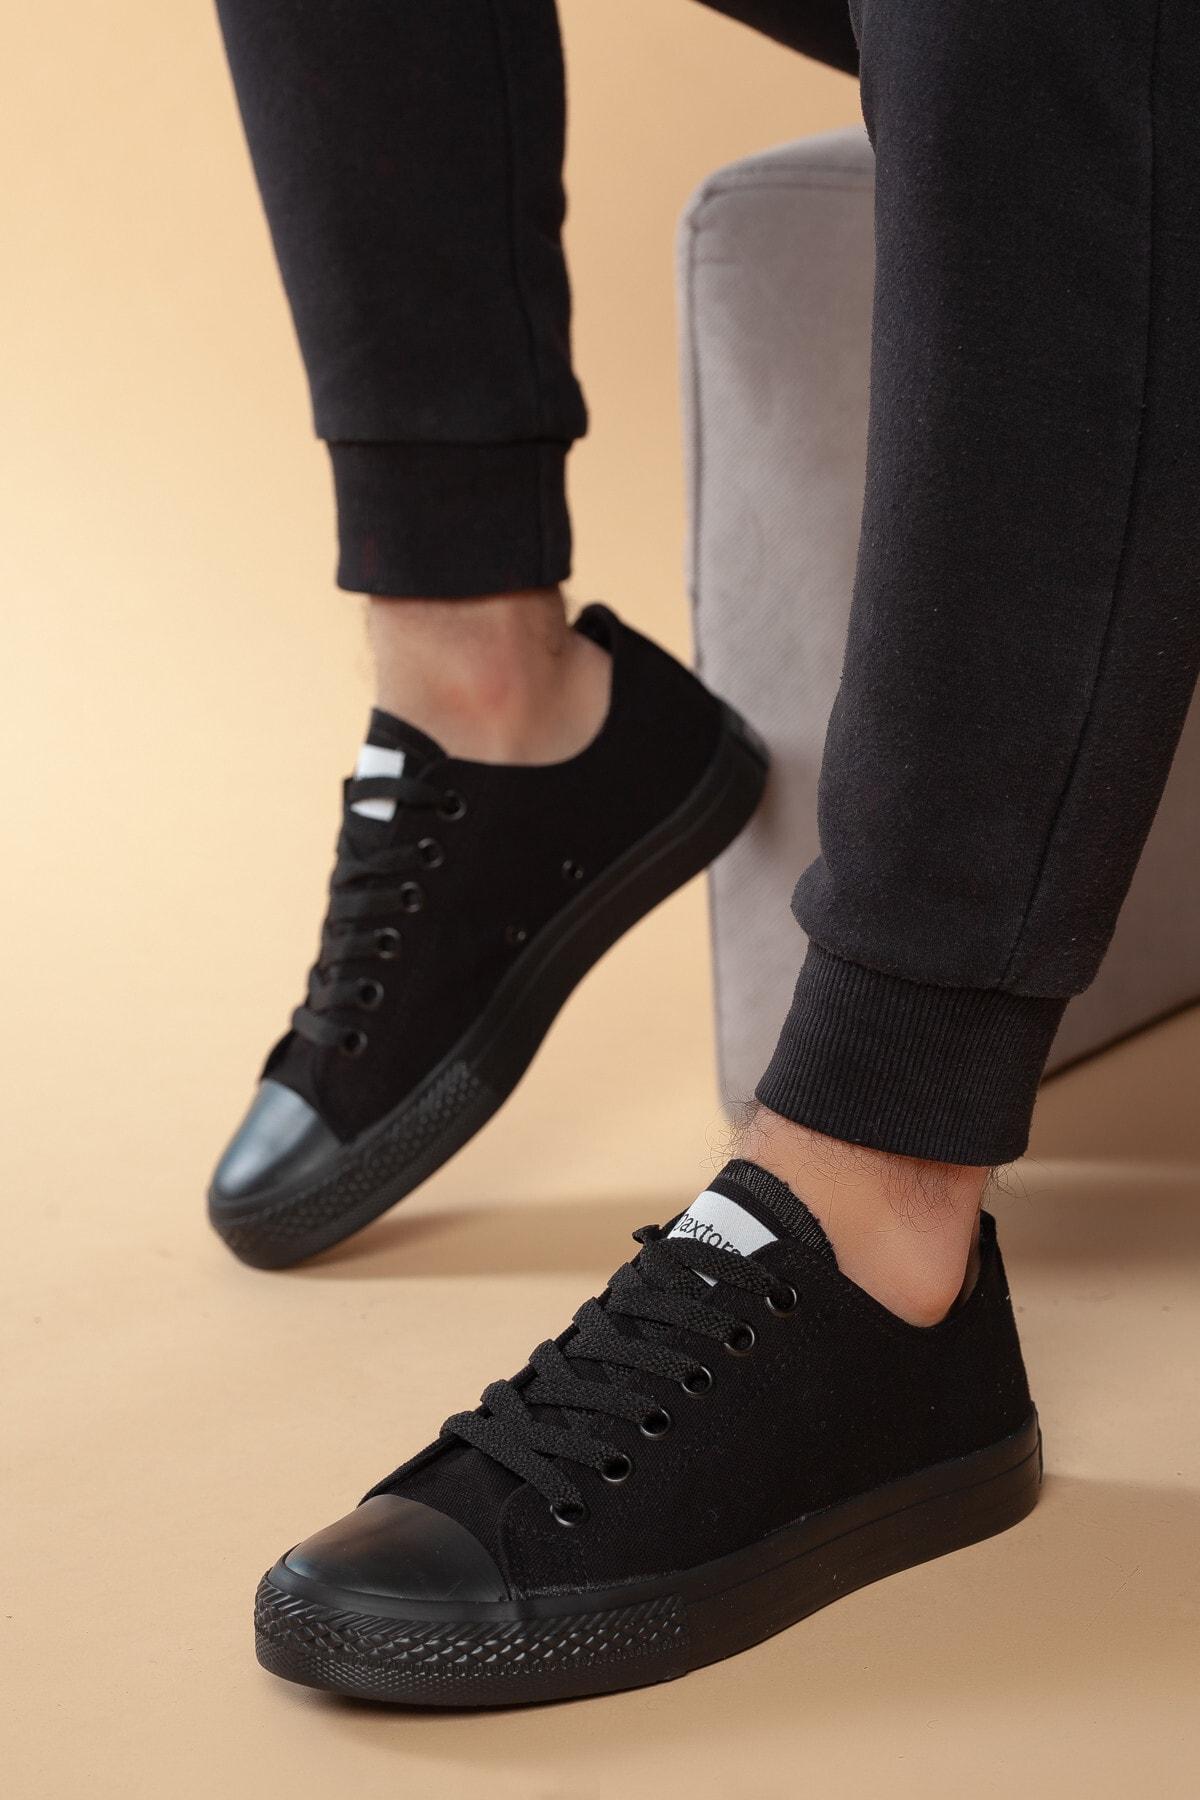 Daxtors Siyah Günlük Ortopedik Erkek Keten Spor Ayakkabı  DXTRMCONT005 1